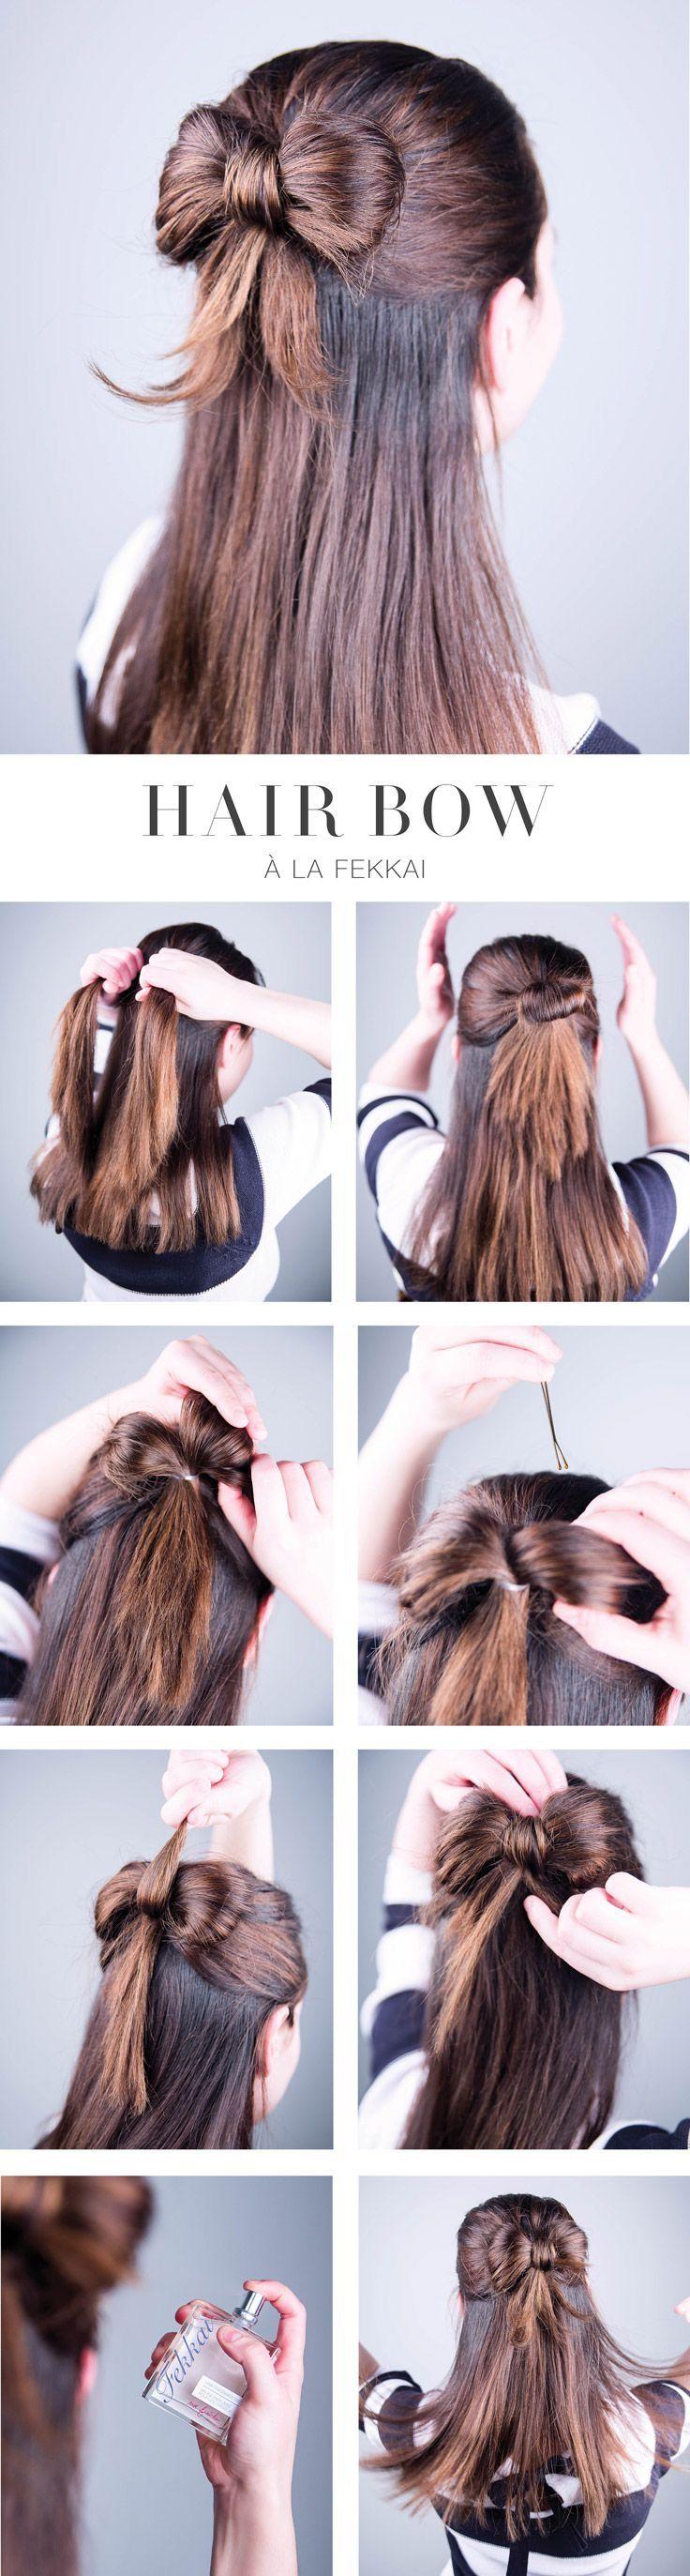 39 besten Haare Bilder auf Pinterest